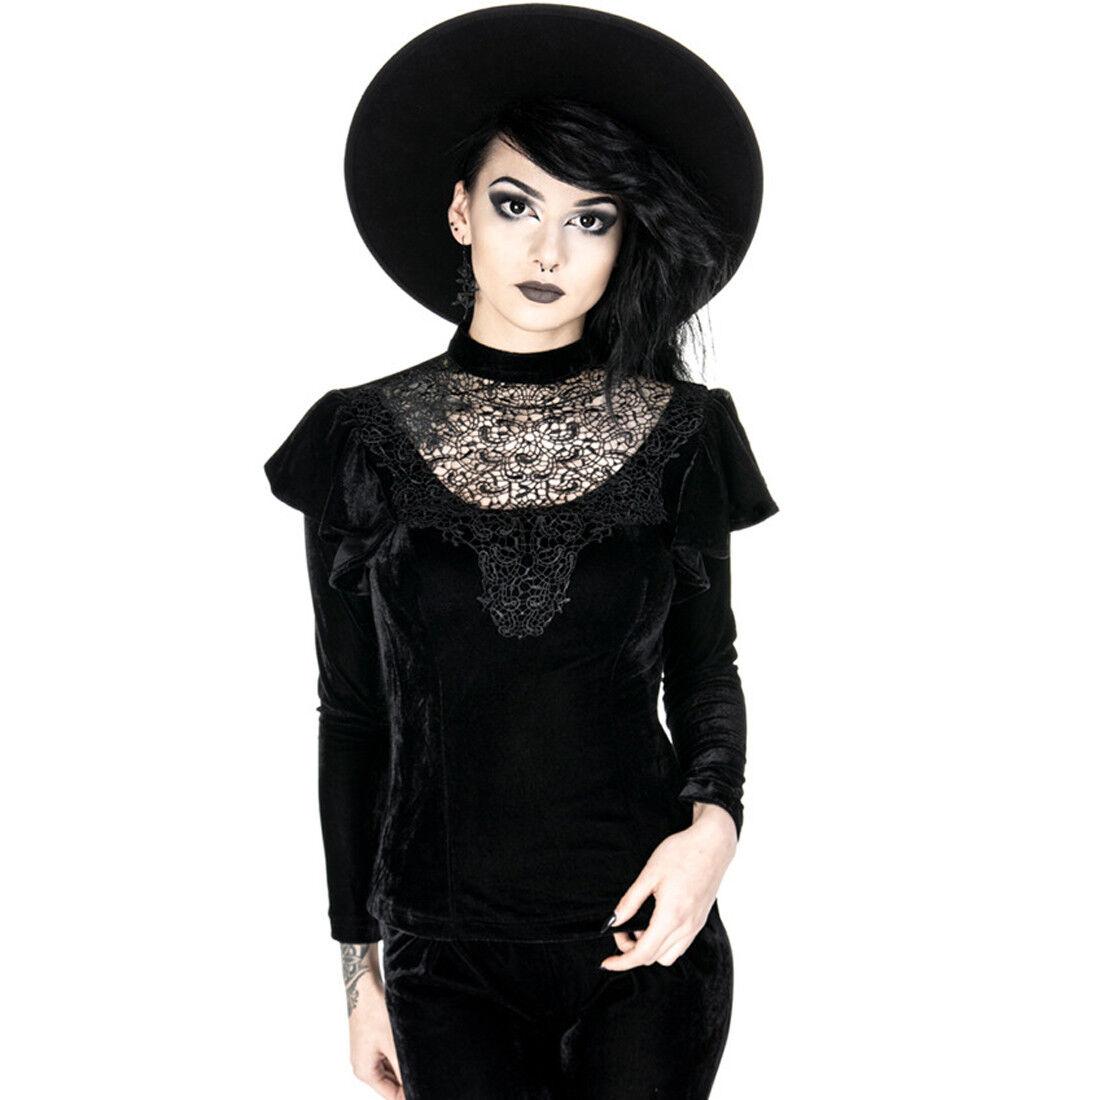 Restyle - Cursed Queen BlauSE - Schwarze Spitze   Abend , Gotik, Elegant BlauSE